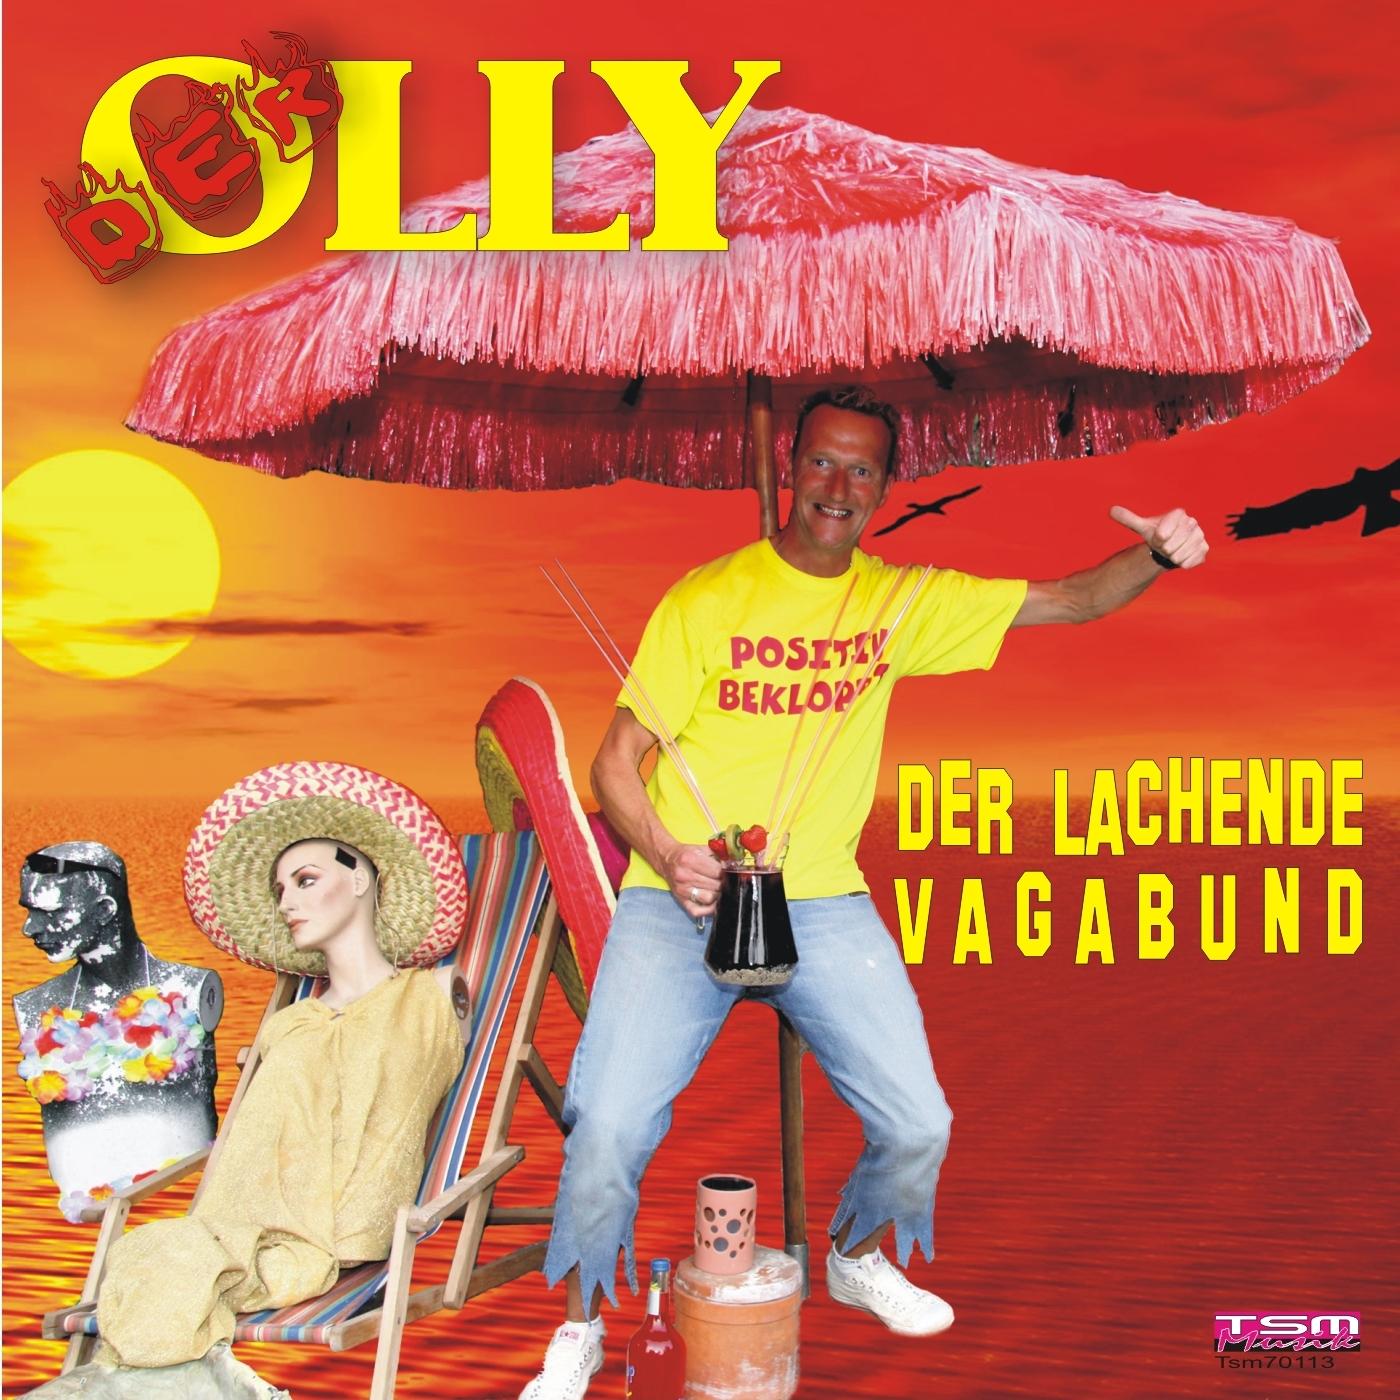 Der Olly